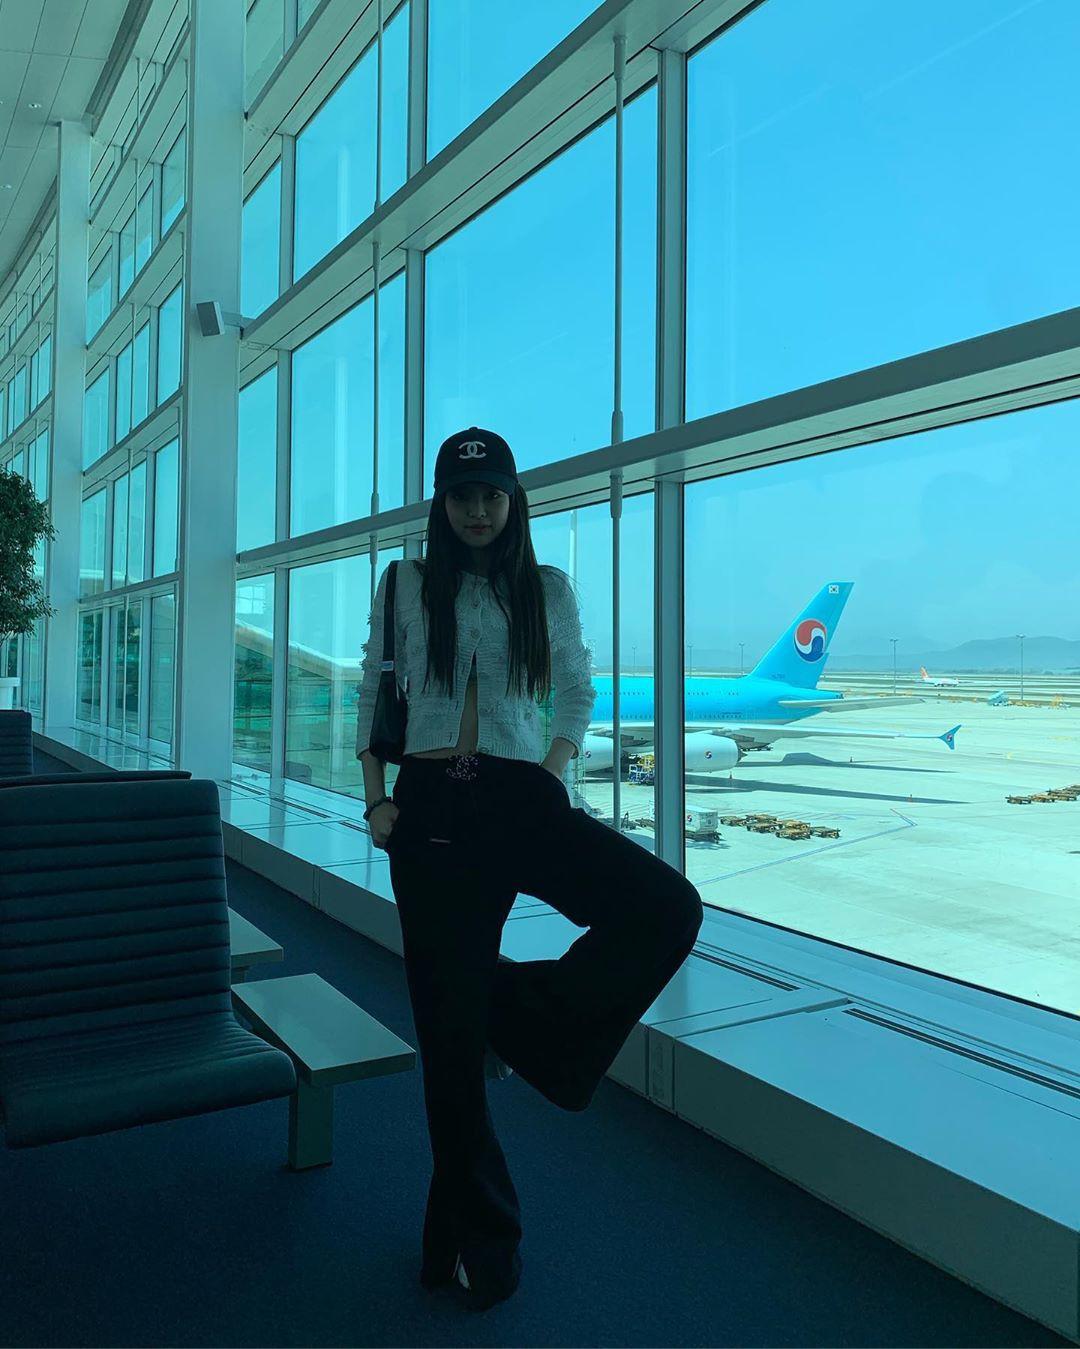 Có nữ idol nào như Jennie: Chẳng thèm giữ gìn hình tượng, toàn đăng ảnh tạo dáng khó hiểu tặng meme cho fan chế - Ảnh 2.